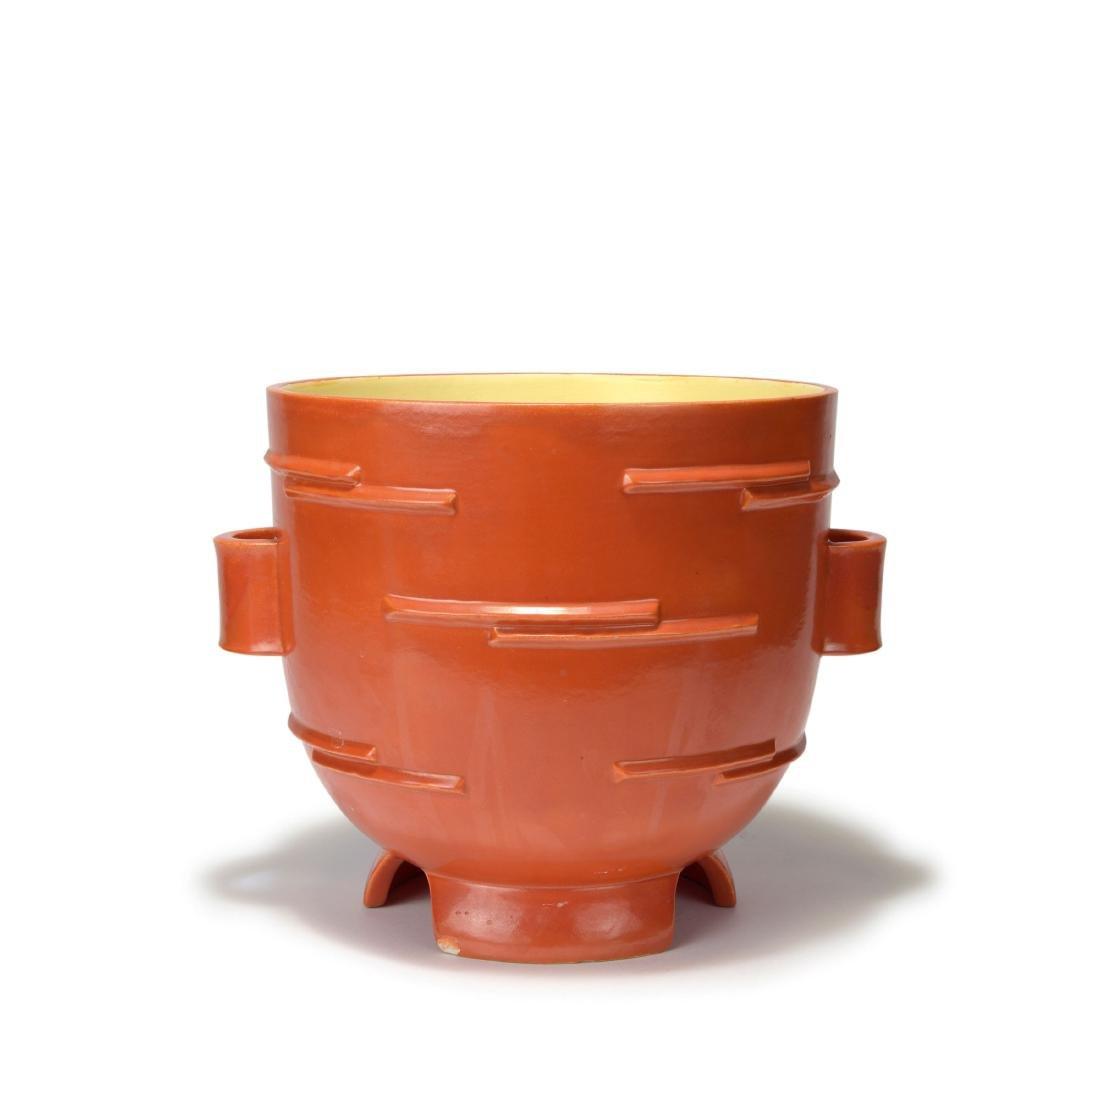 Flowerpot, 1930